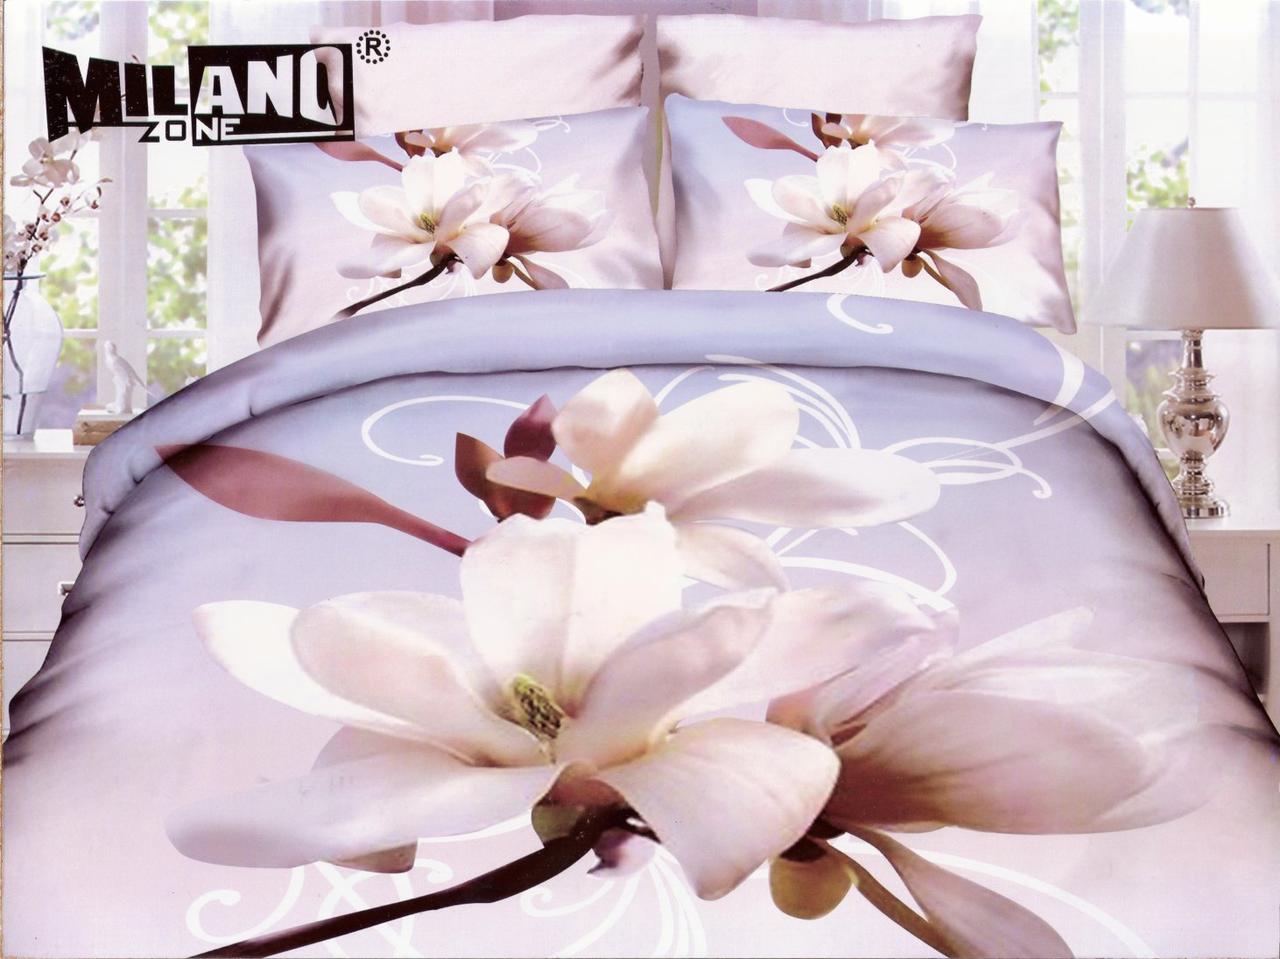 3D Постельное белье ТМ Милано рисунок красивые цветы  (Milano Zone) полуторка Польша